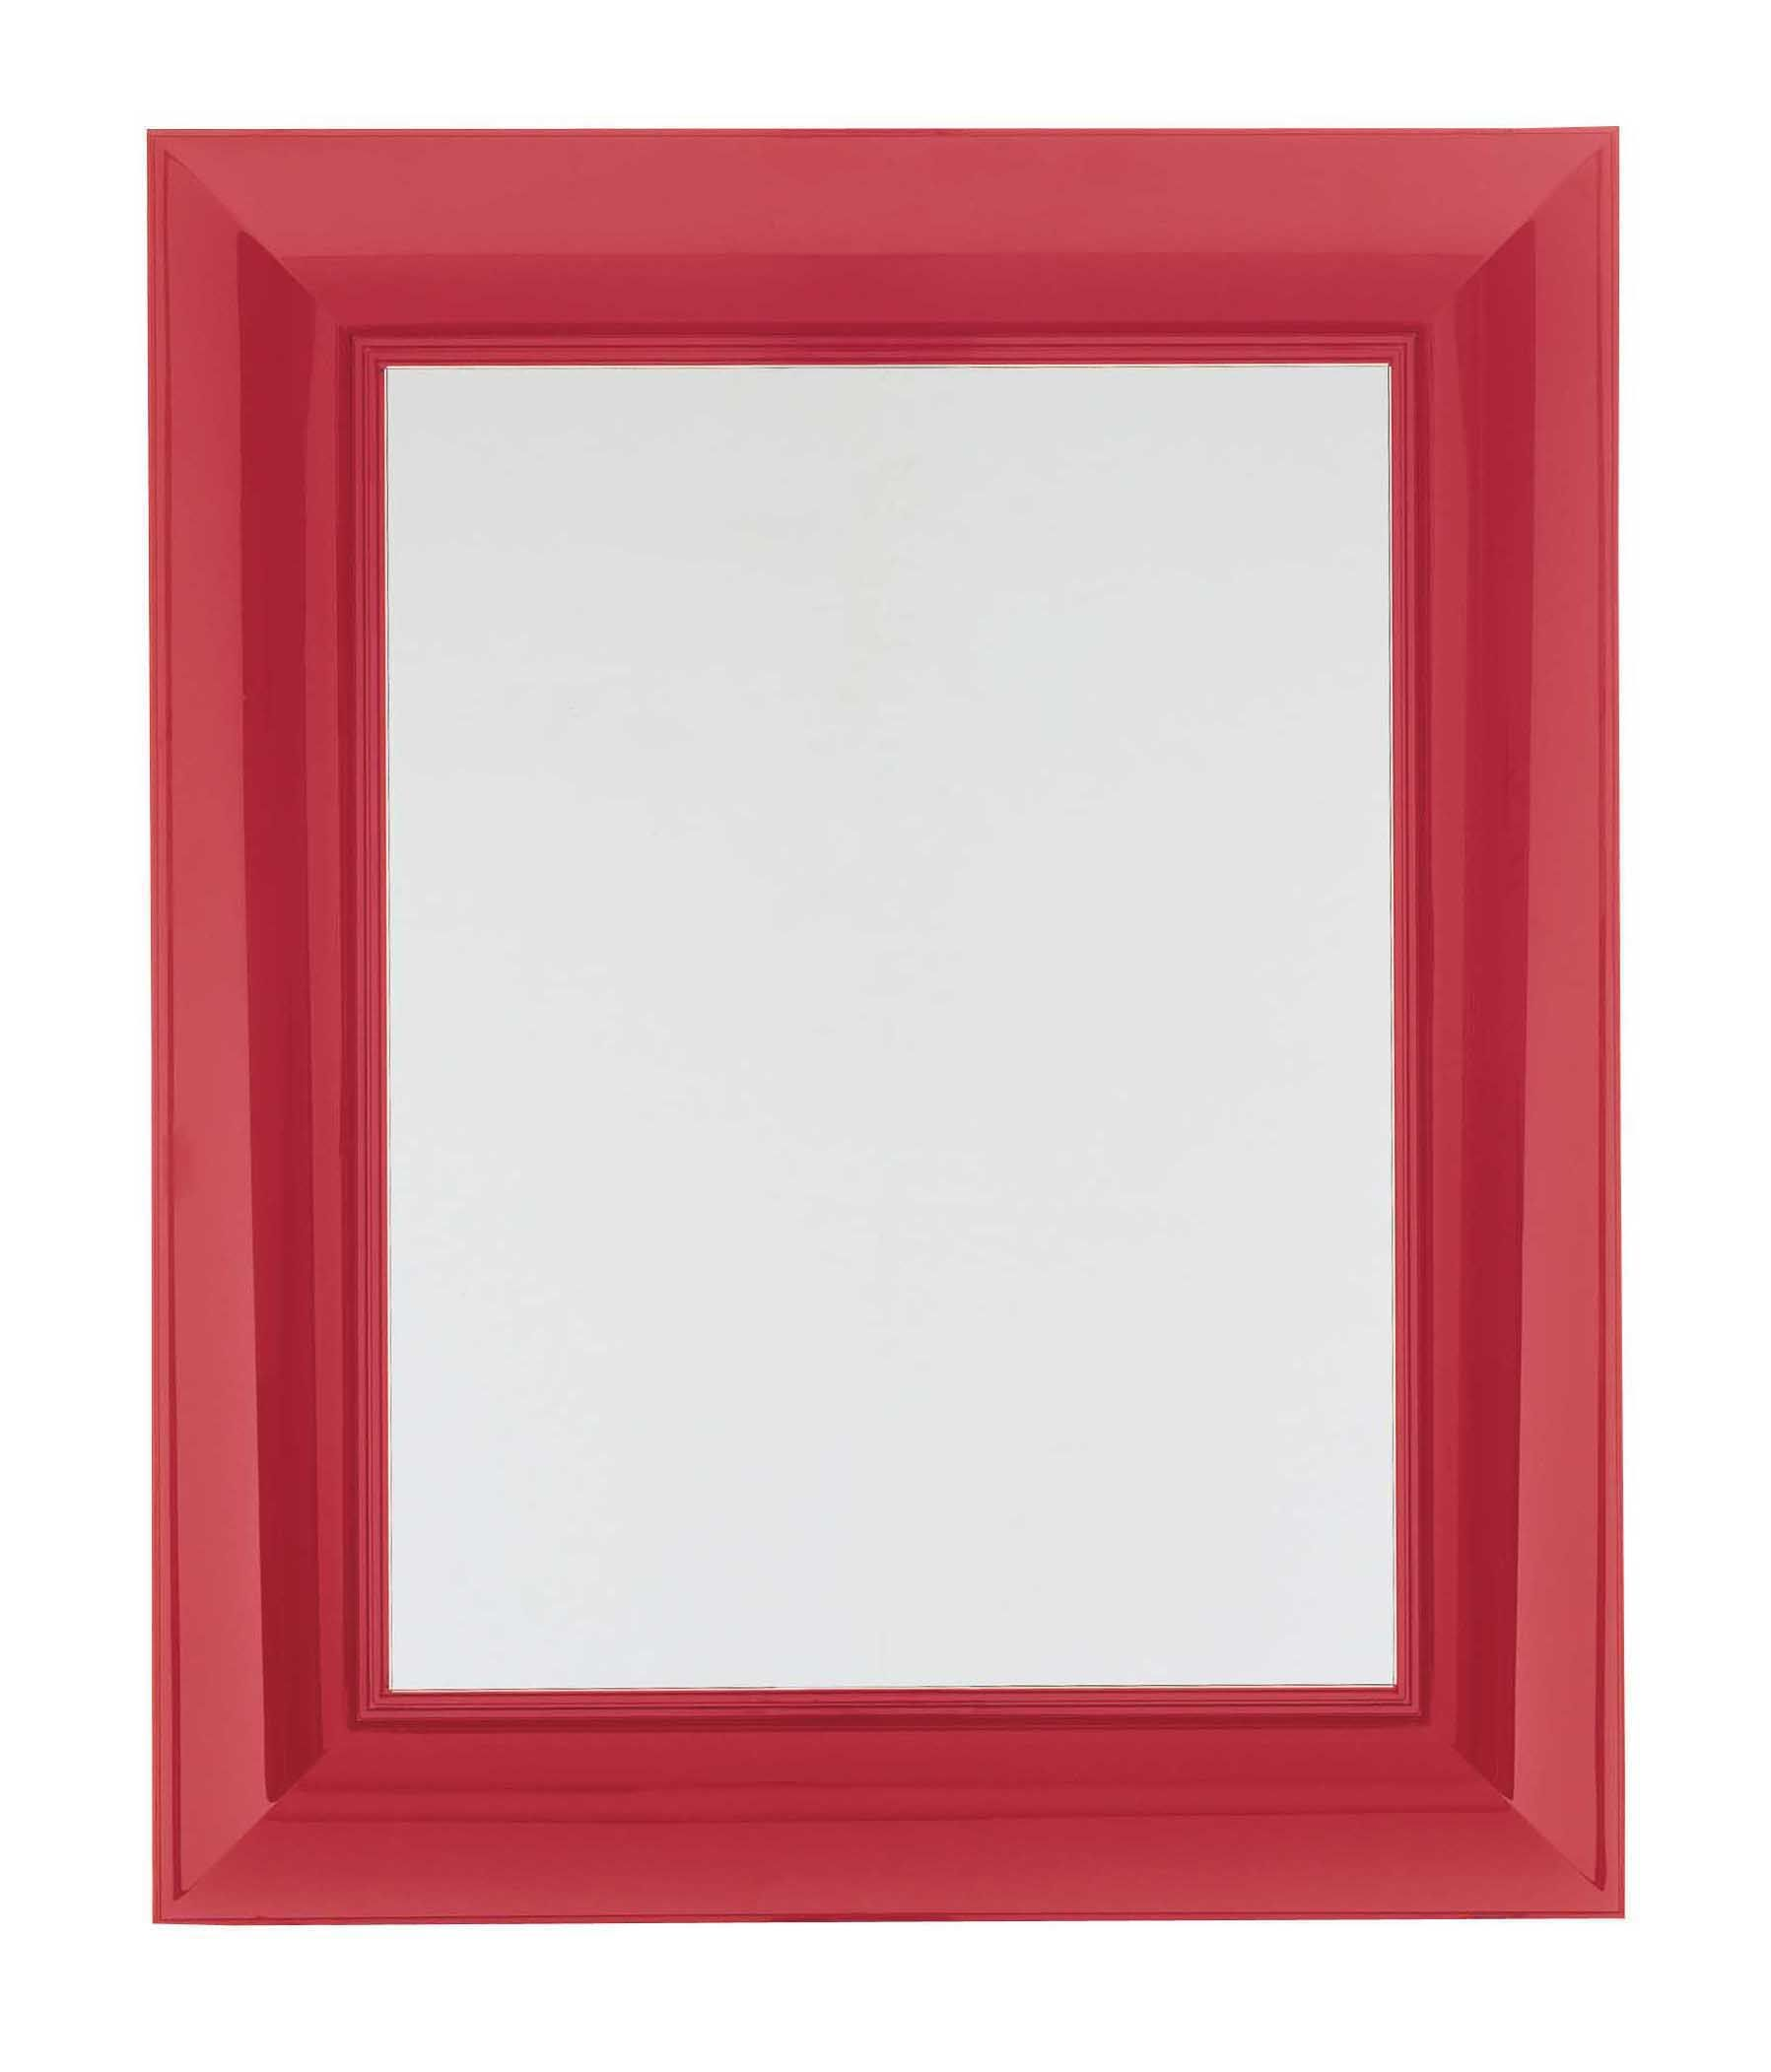 Scopri specchio murale francois ghost larghezza 88 x 111 cm rosso di kartell made in design - Kartell specchio ghost ...